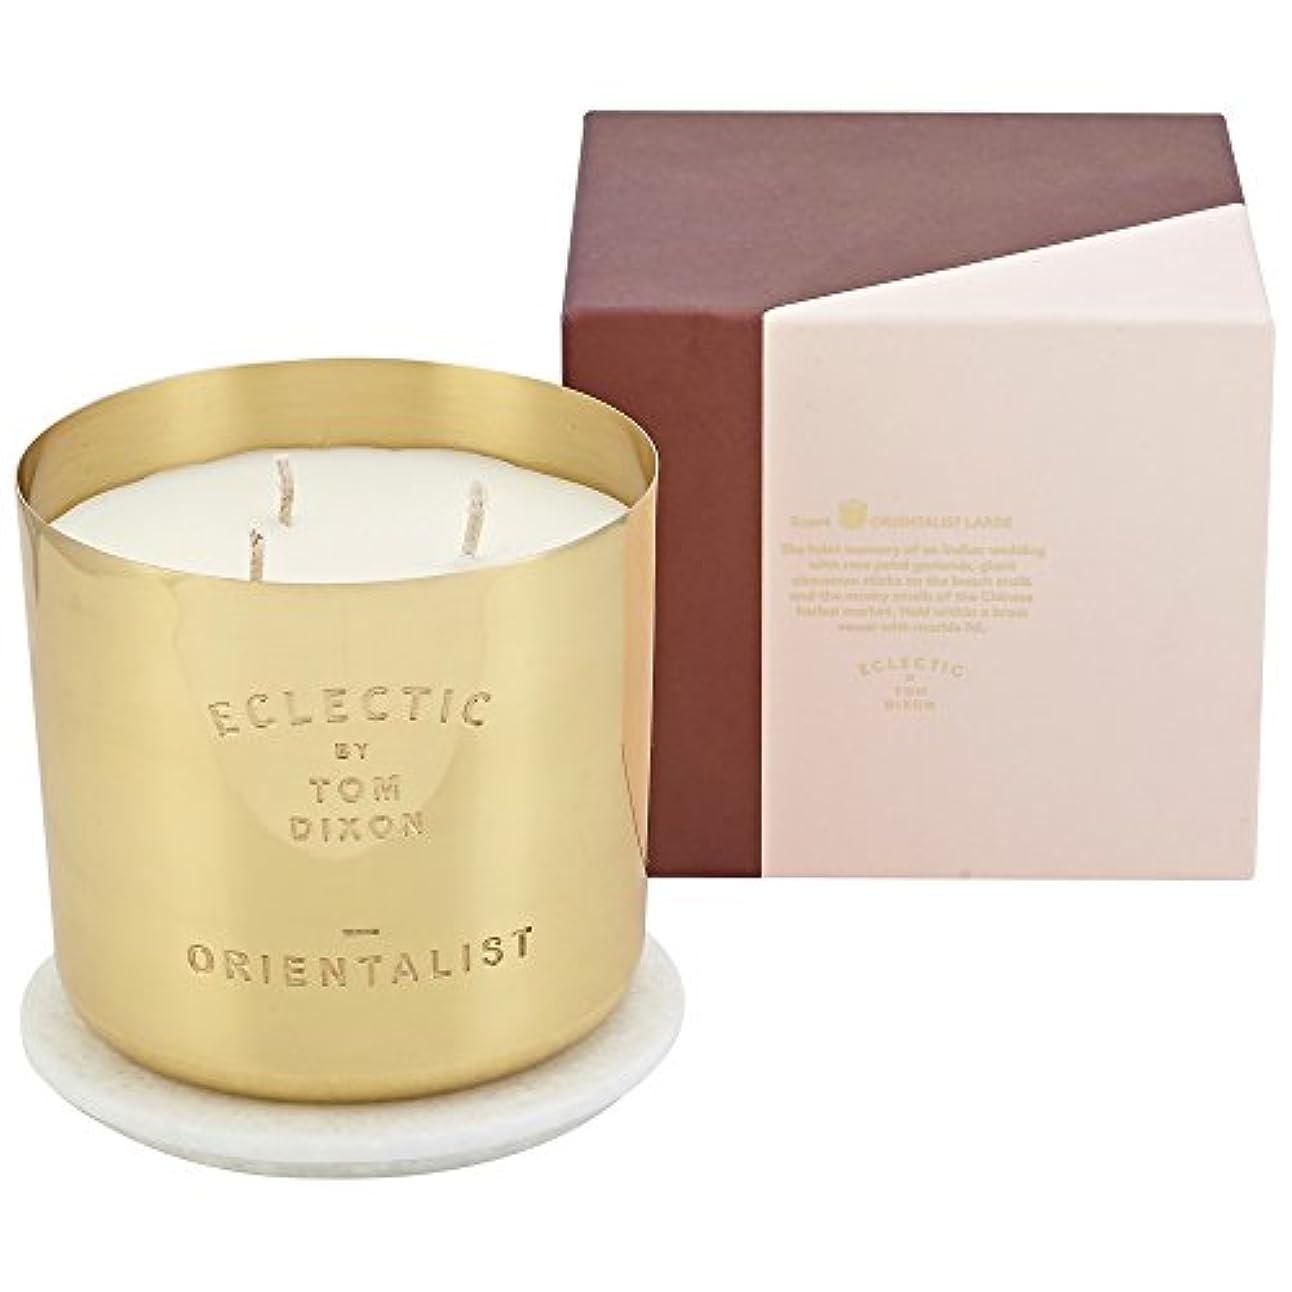 ステージ接地思慮のないTom Dixon Orientalist Scented Candle Large (Pack of 2) - トム?ディクソン東洋大きな香りのキャンドル x2 [並行輸入品]